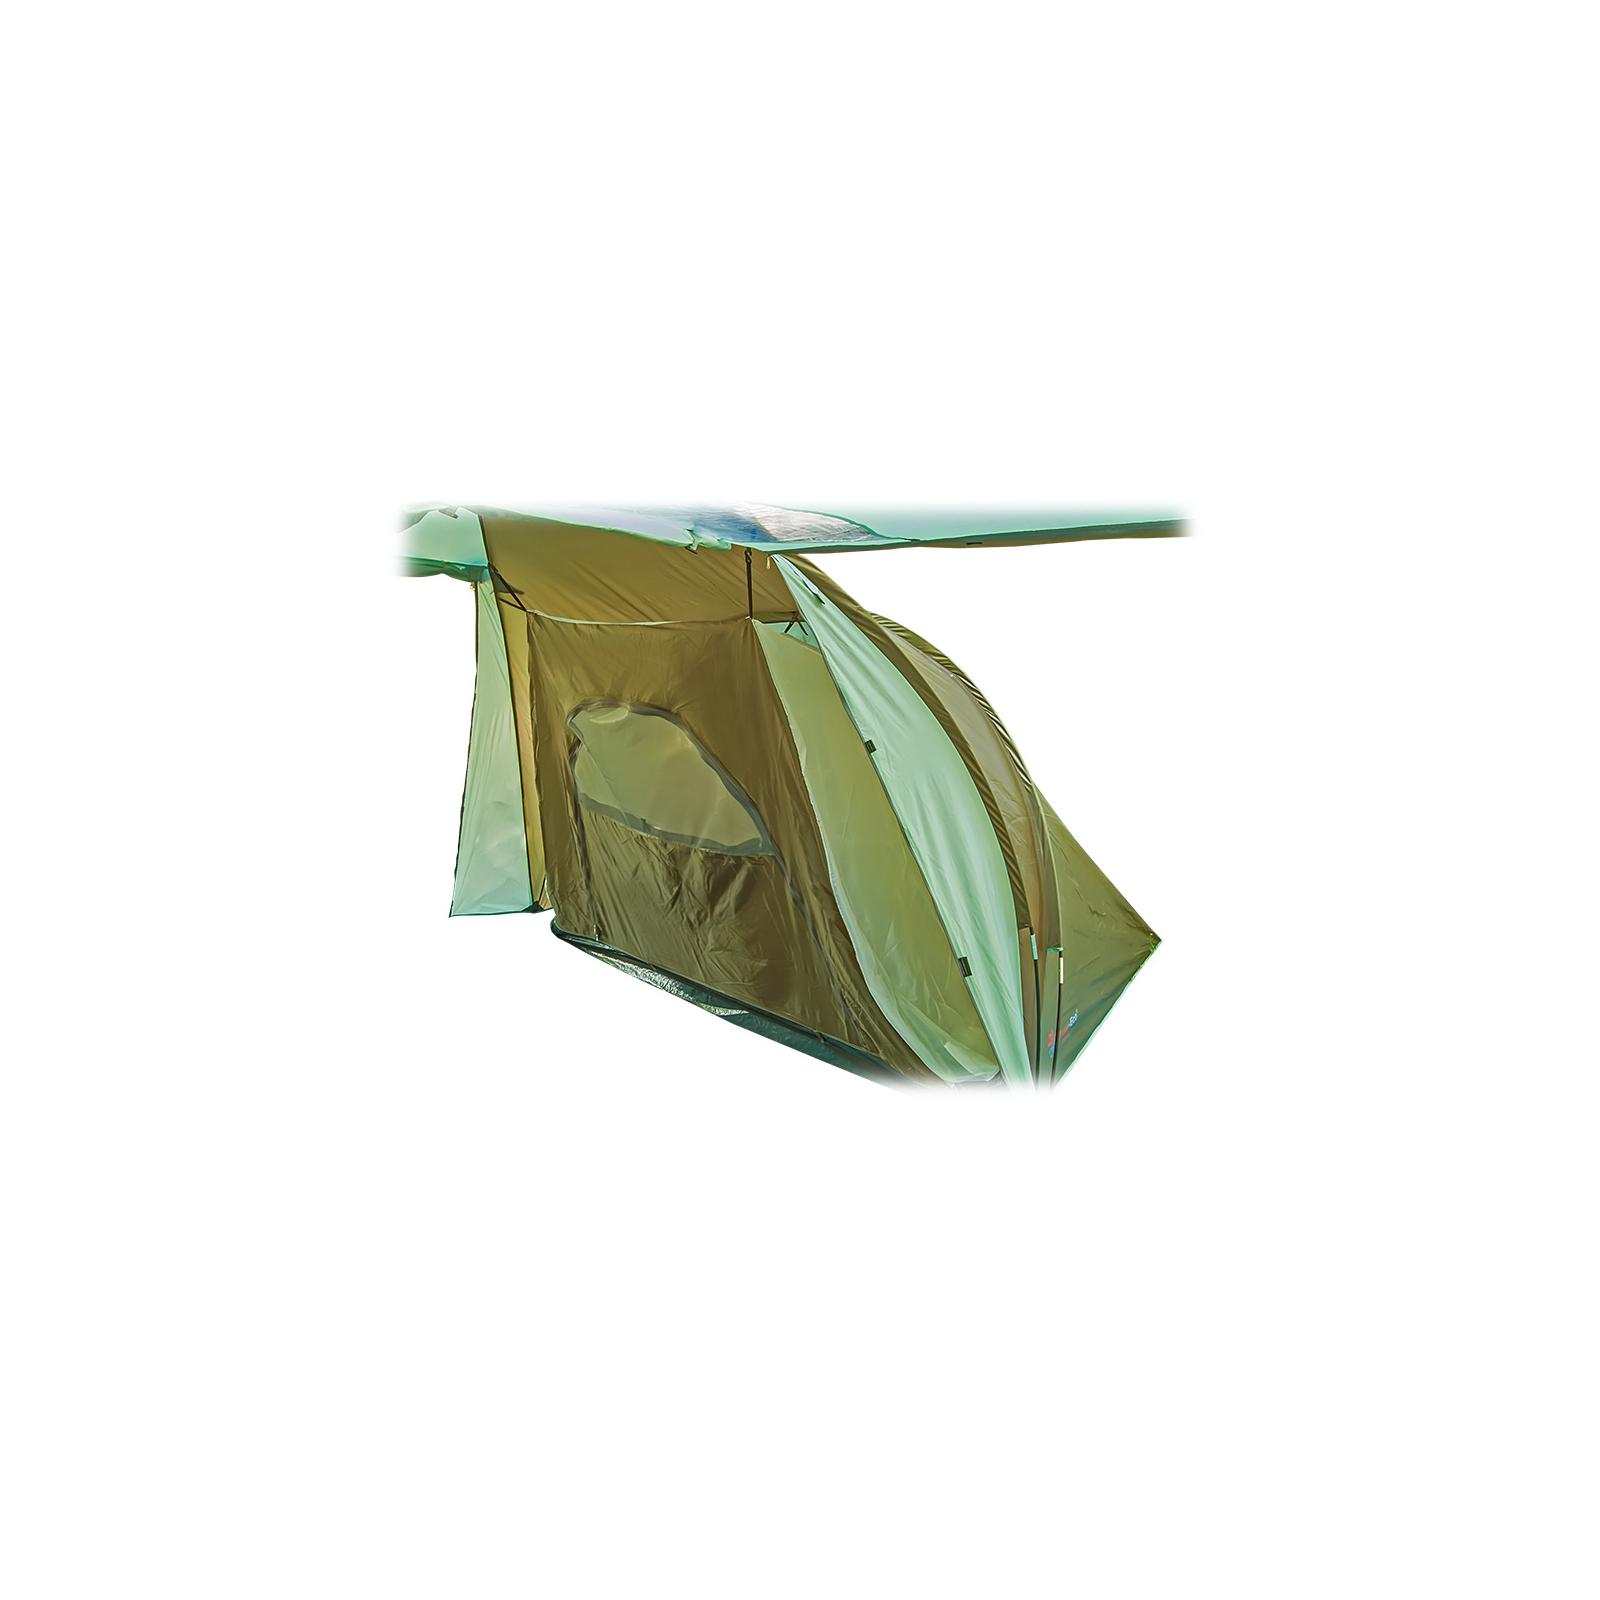 Палатка Time Eco Camping-6 изображение 4